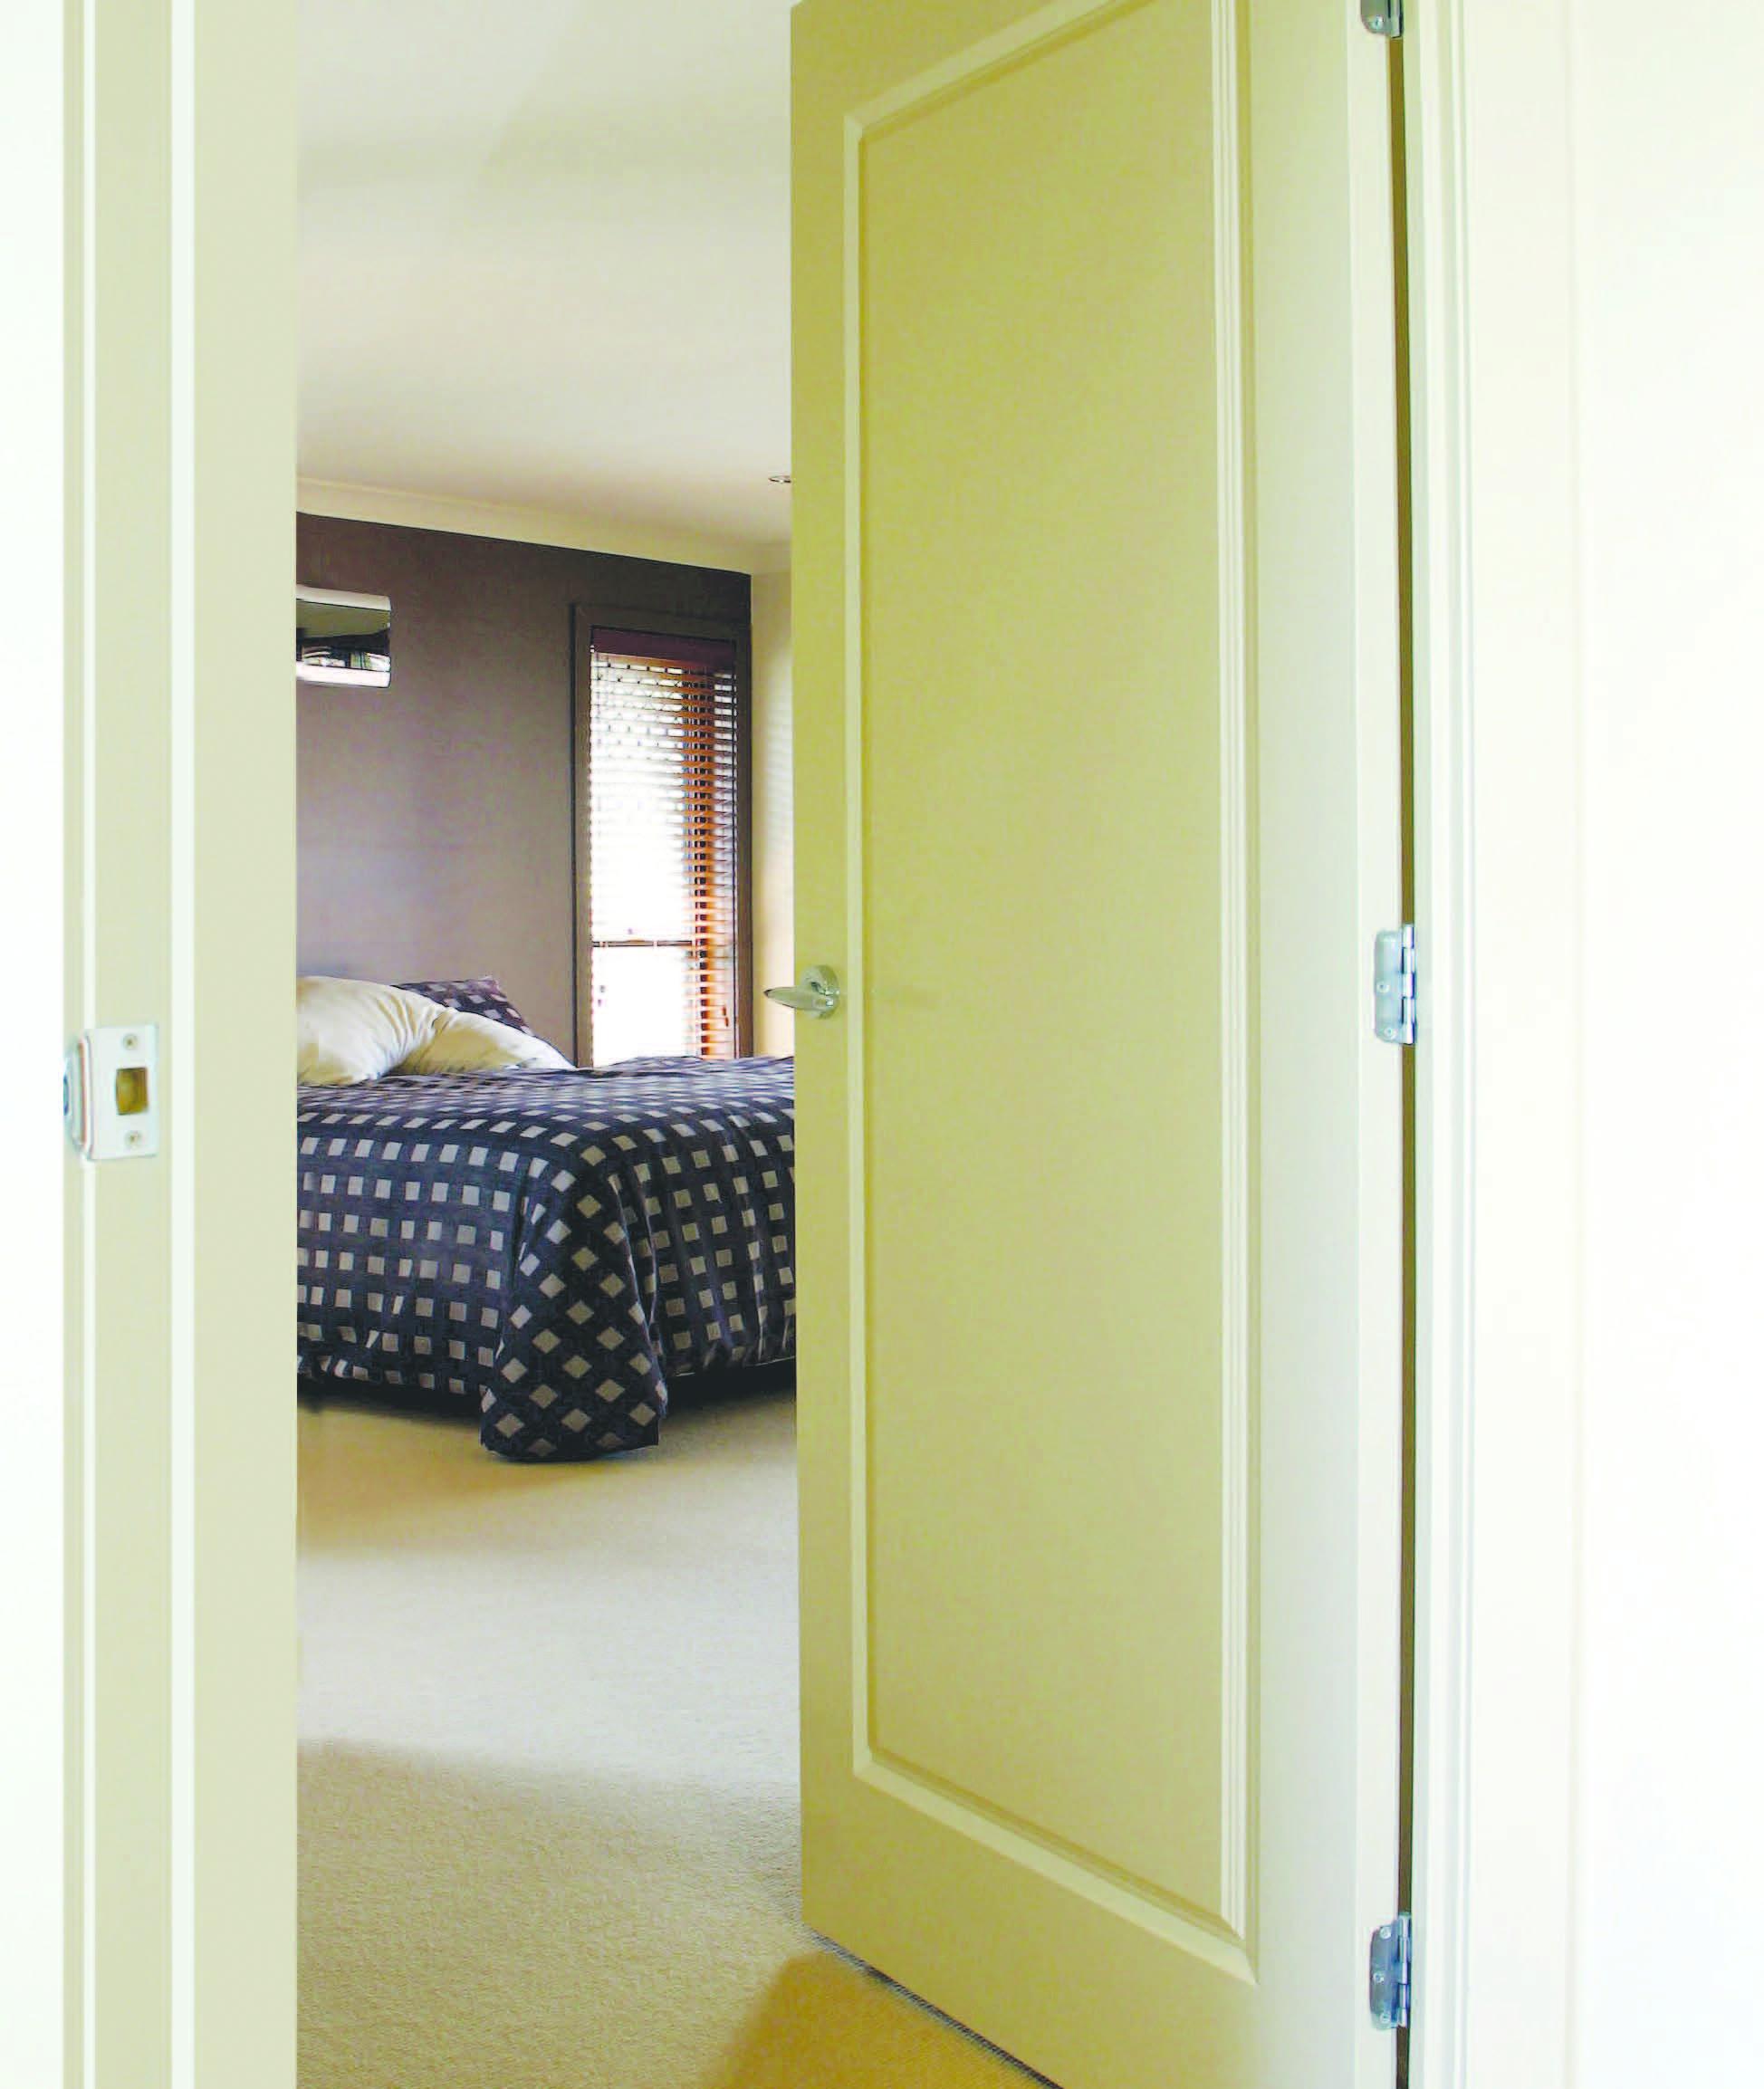 Interior doors gallery doors plus northshore ltd interior doors hume doors accent hag11 caprice denmark humecraft hmc1 planetlyrics Image collections